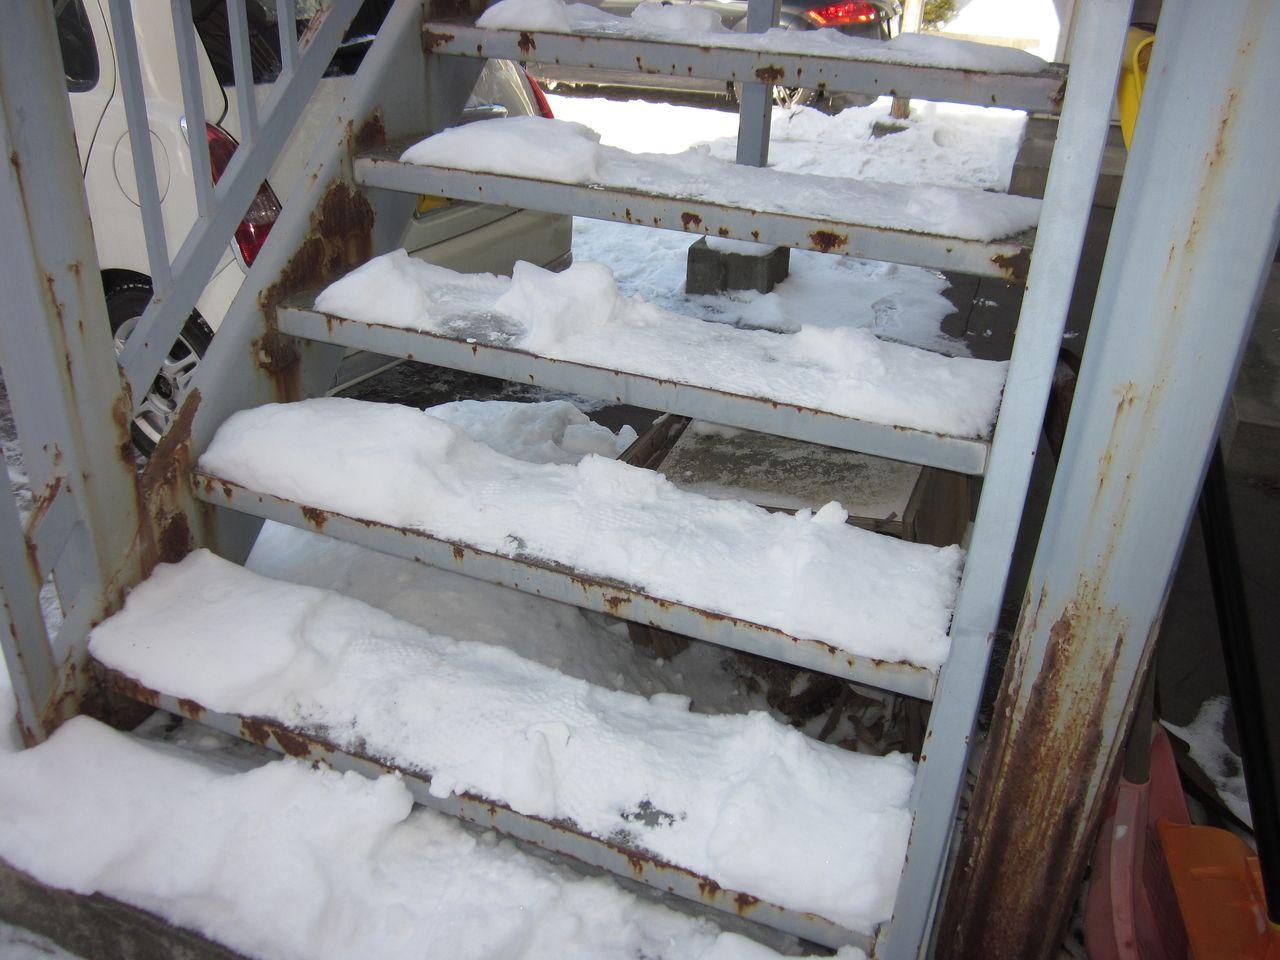 アパート階段部分の雪